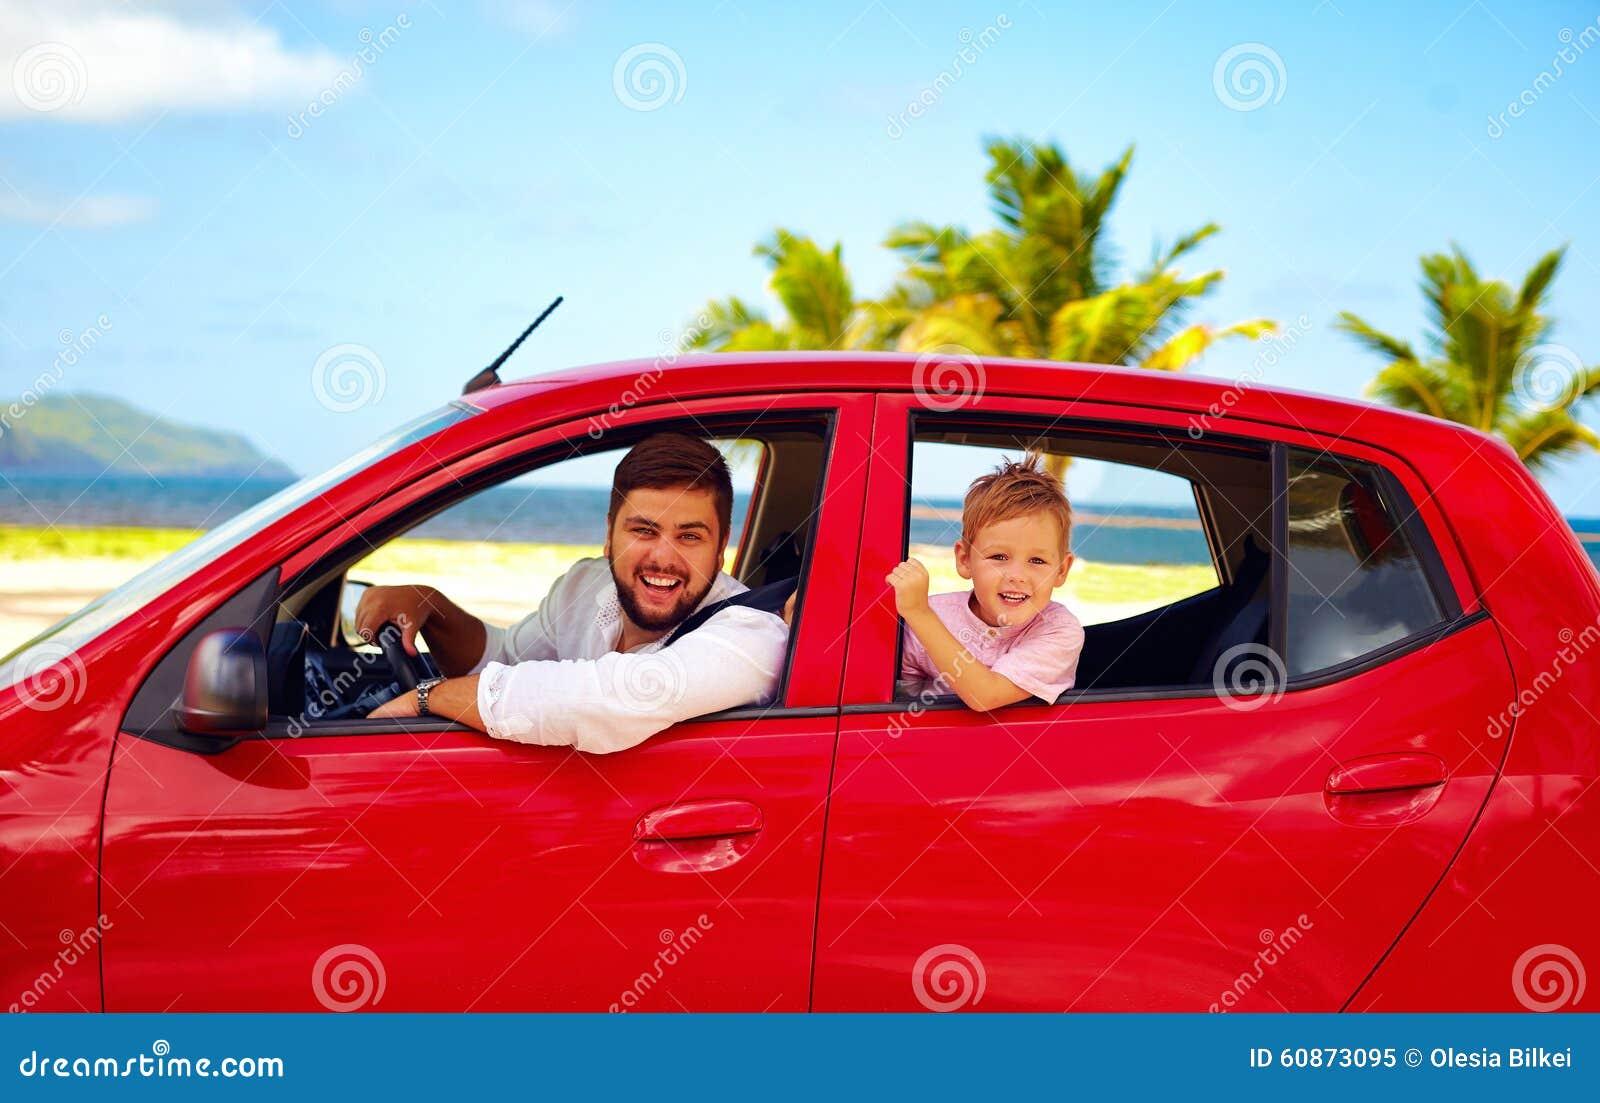 愉快的旅行在汽车的父亲和儿子暑假